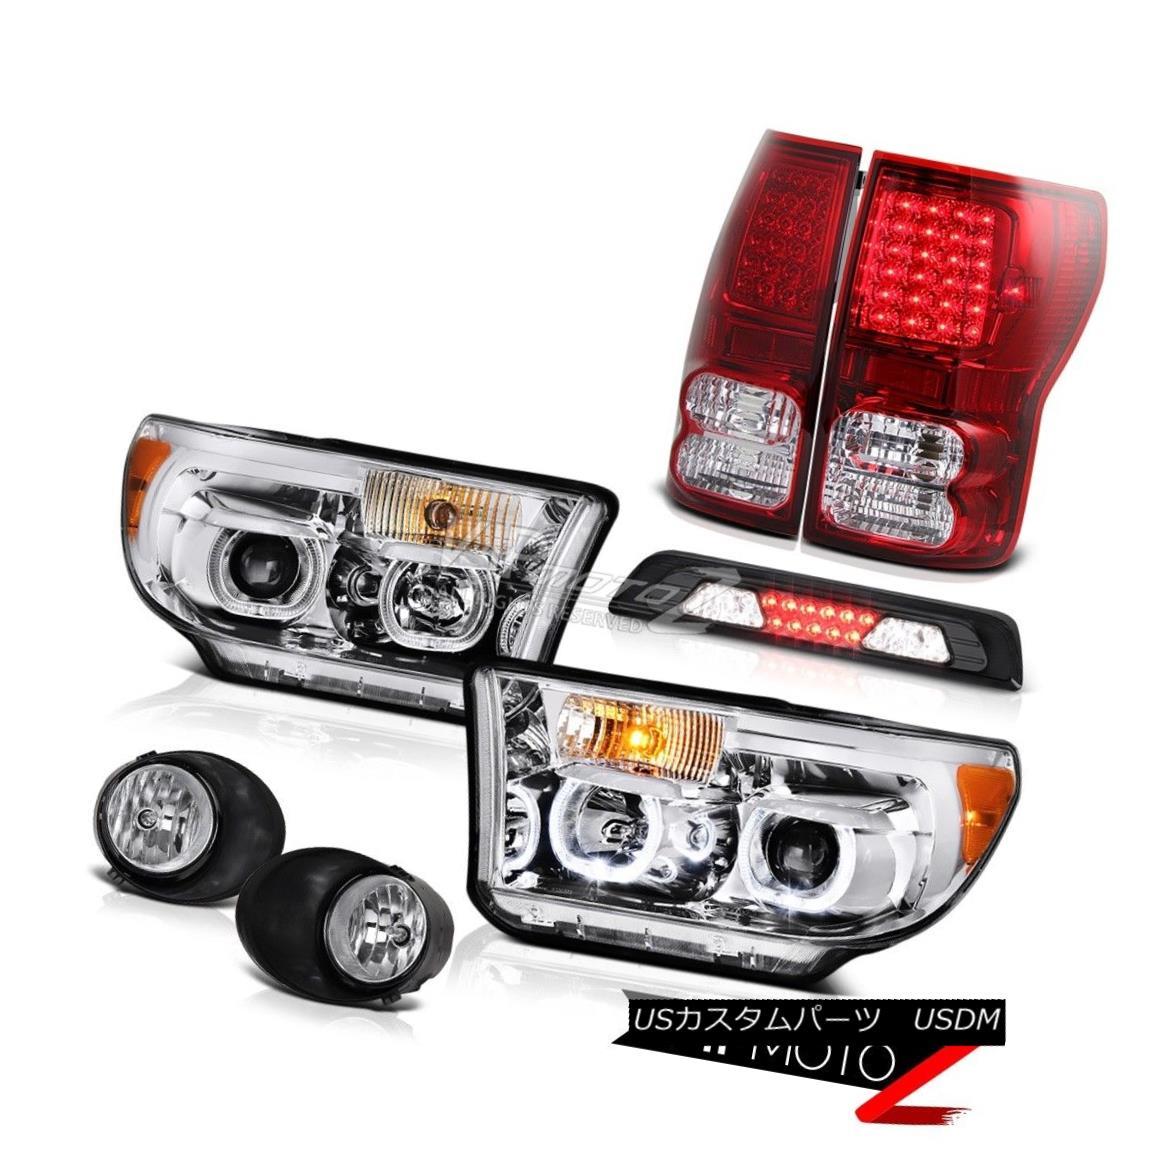 テールライト 07-13 Toyota Tundra SR5 Headlights Foglights 3RD Brake Lamp Taillamps Angel Eyes 07-13トヨタ・トンドラSR5ヘッドライトフォグライト3RDブレーキランプ・タイルランプエンジェルアイズ